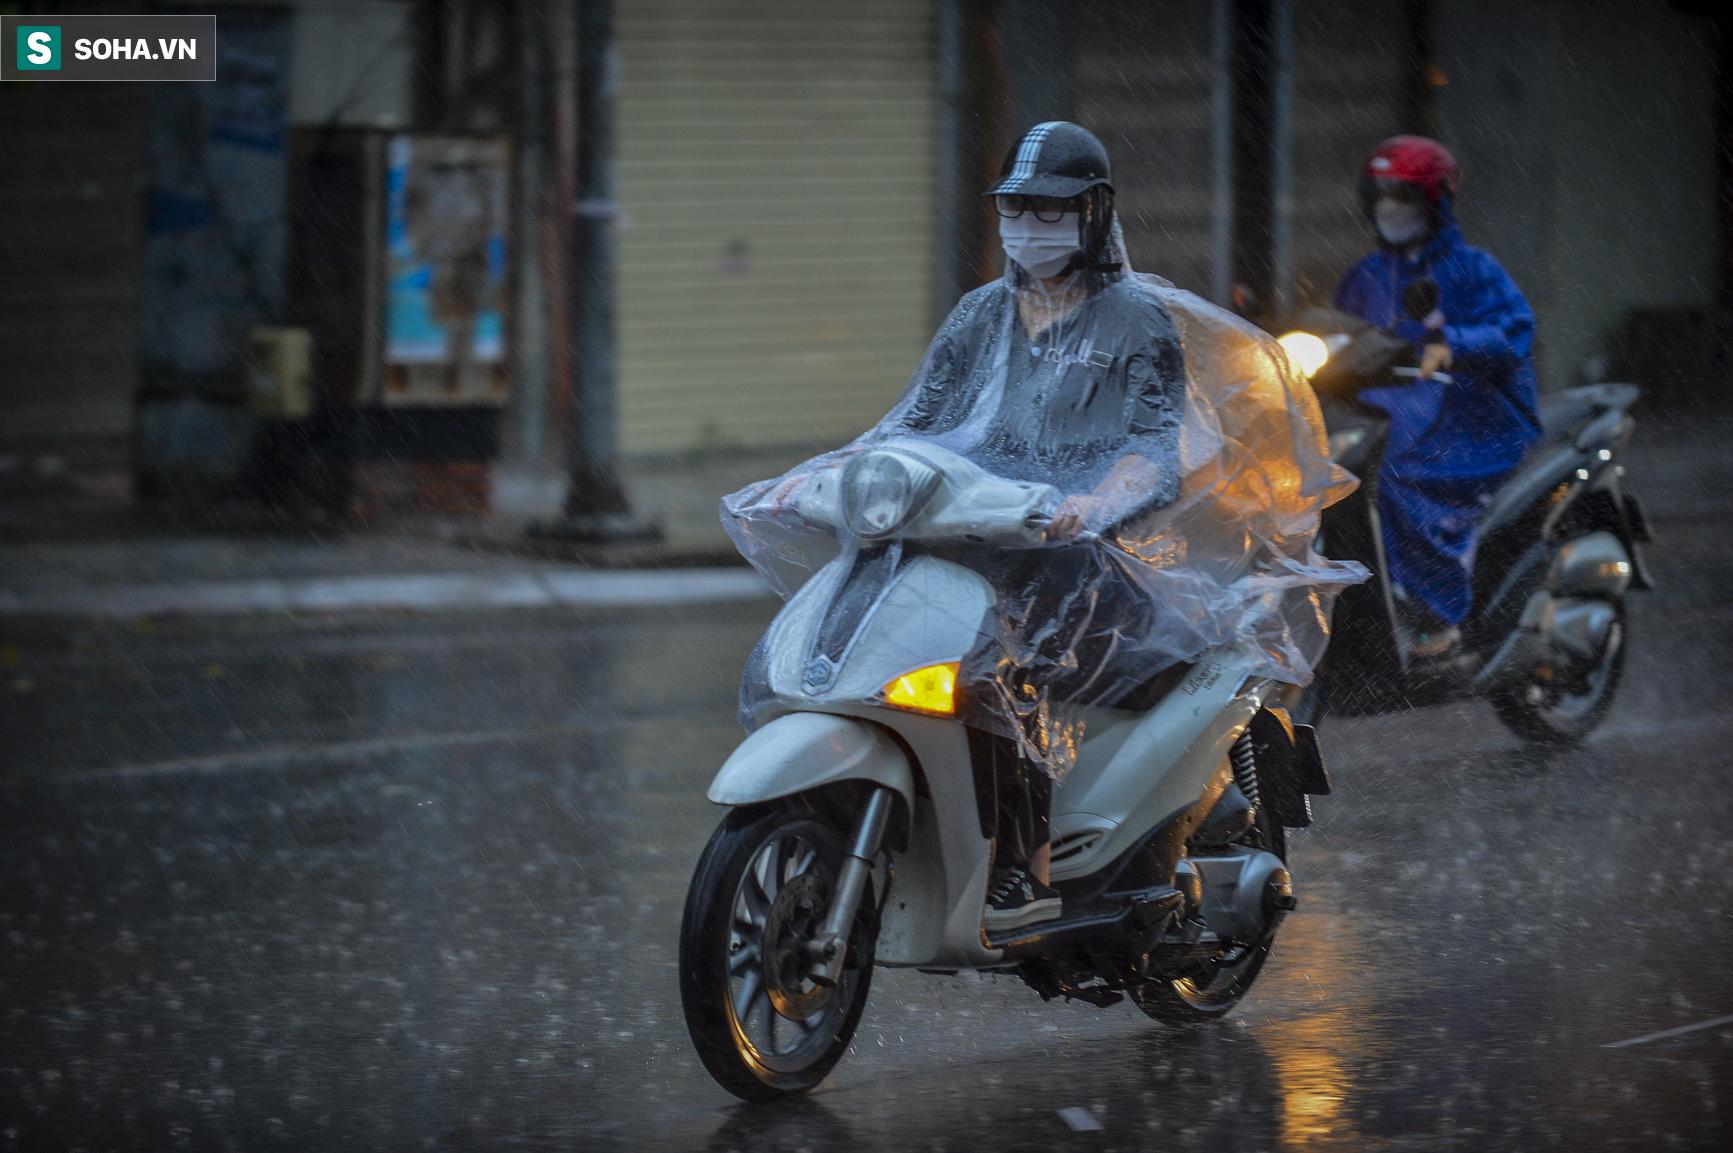 Hà Nội: Trận mưa rào lúc 8h sáng khiến trời tối sầm, nhiều phương tiện phải bật đèn để di chuyển - Ảnh 5.